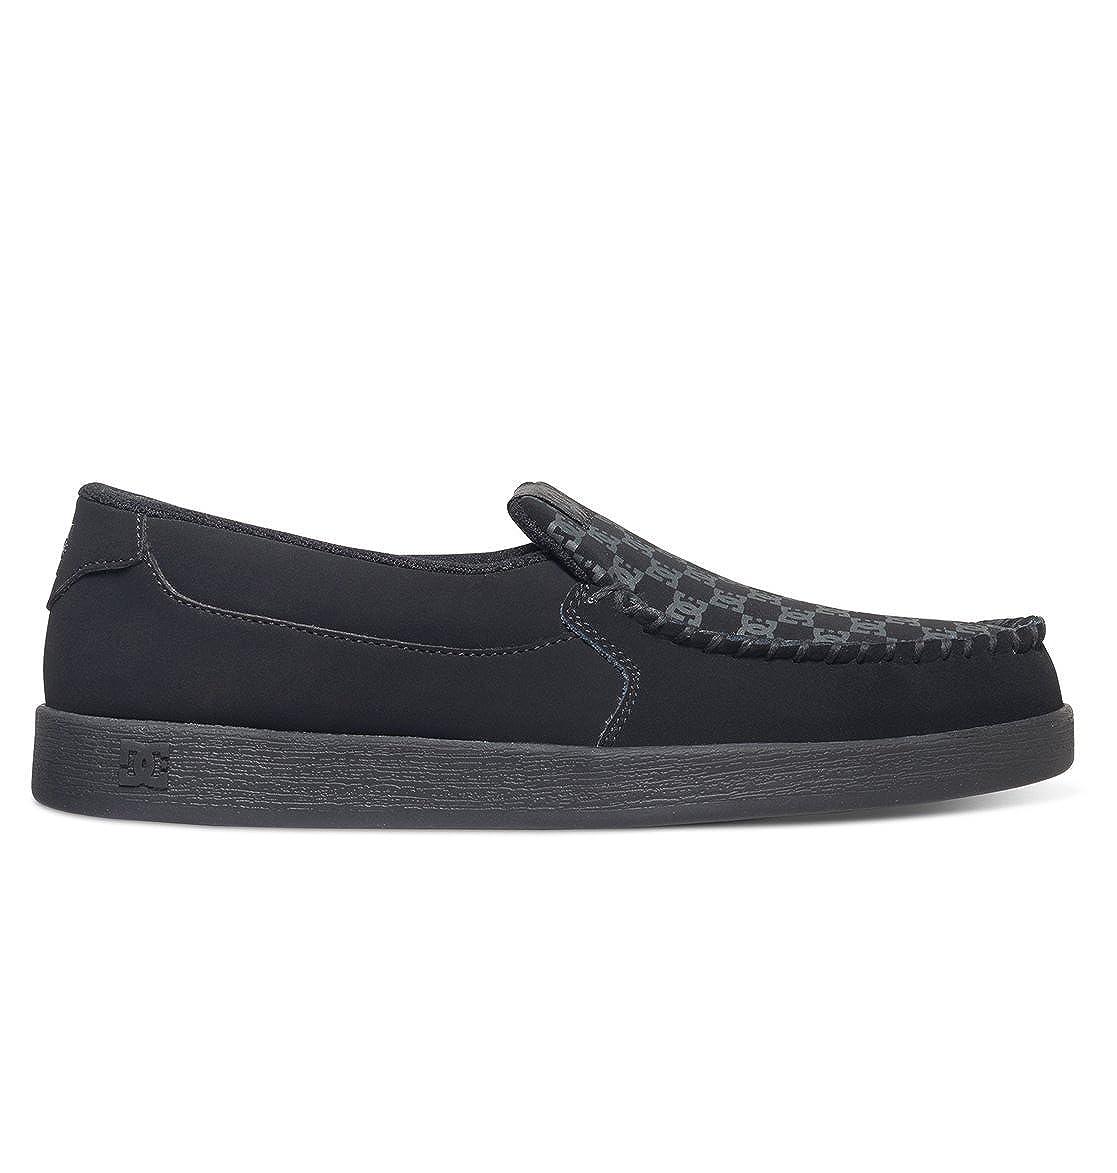 Noir (Mit Aufdruck) DC chaussures Villain TX, Baskets Homme 39.5 EU